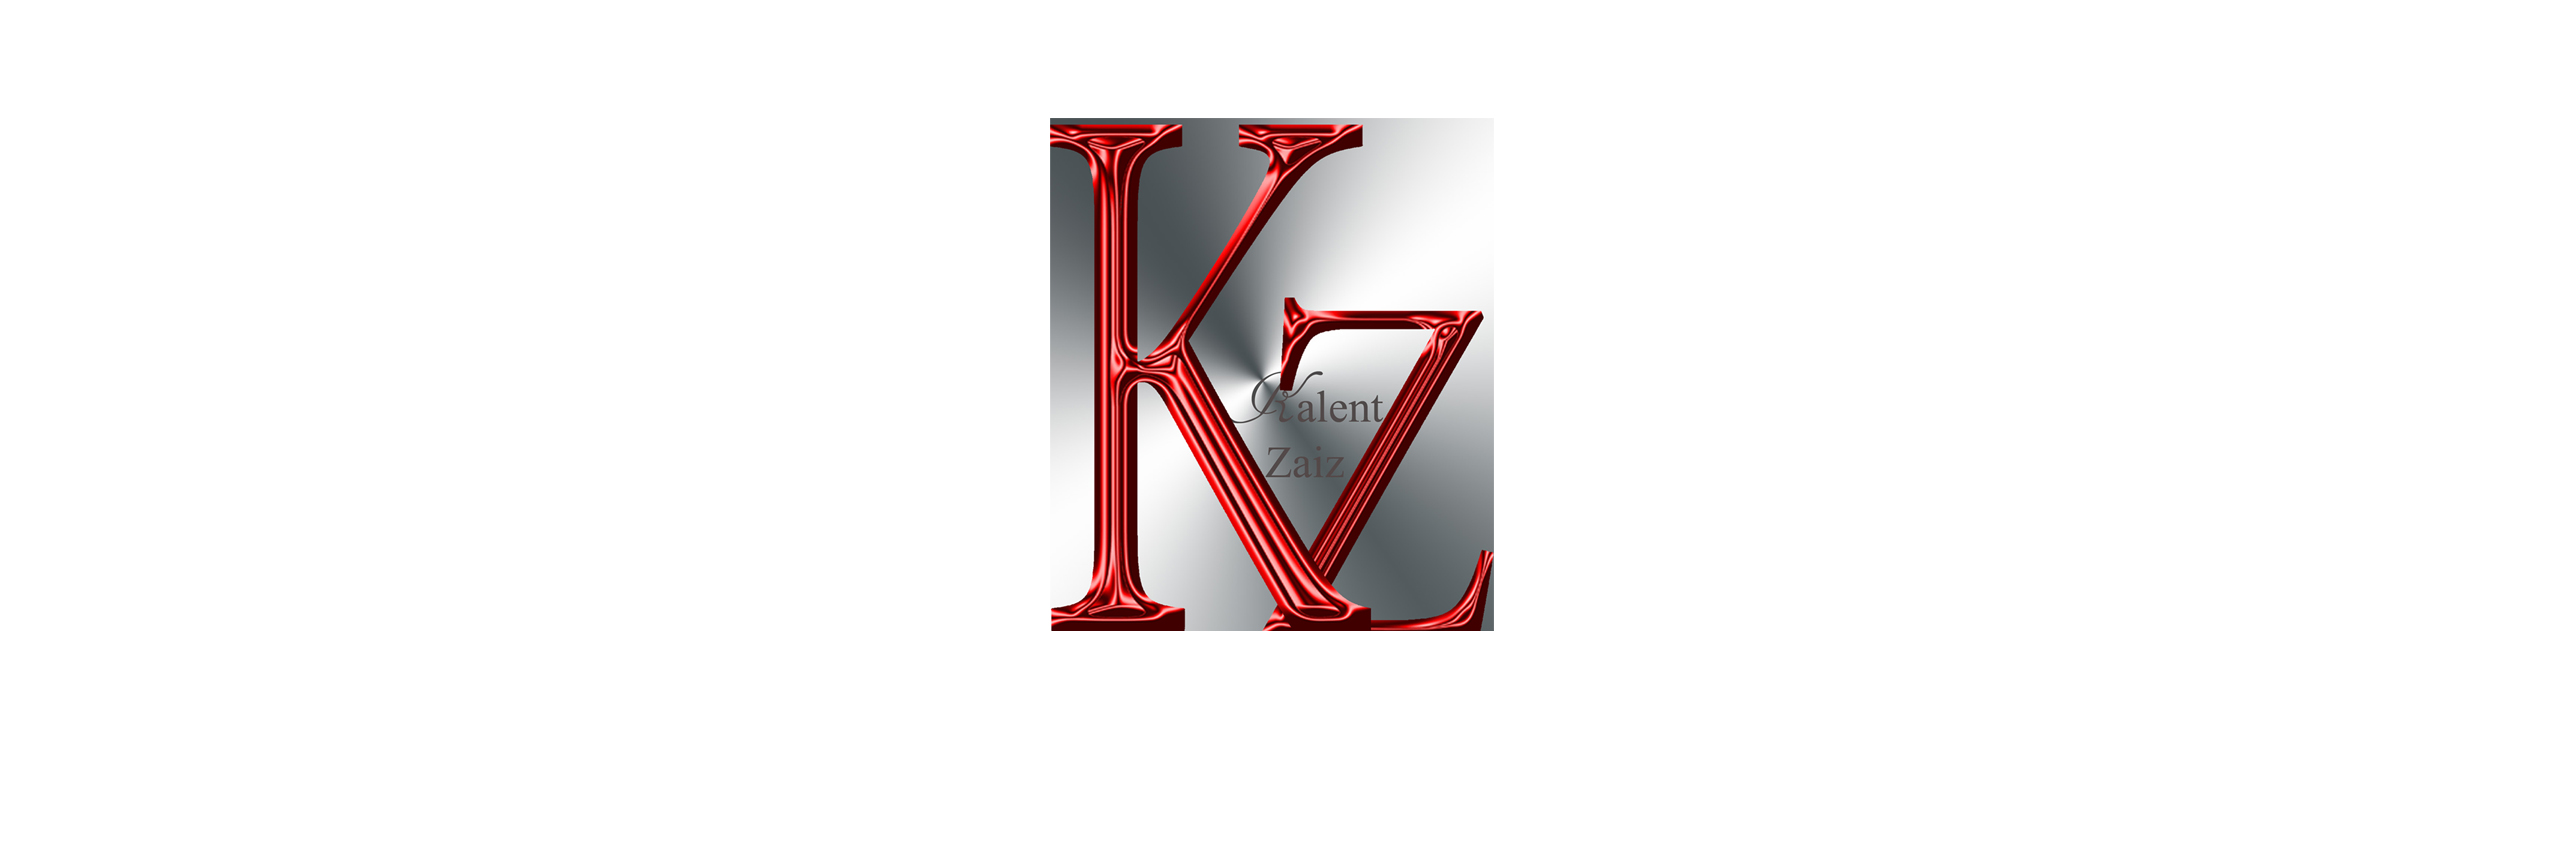 Kalent Zaiz's Signature